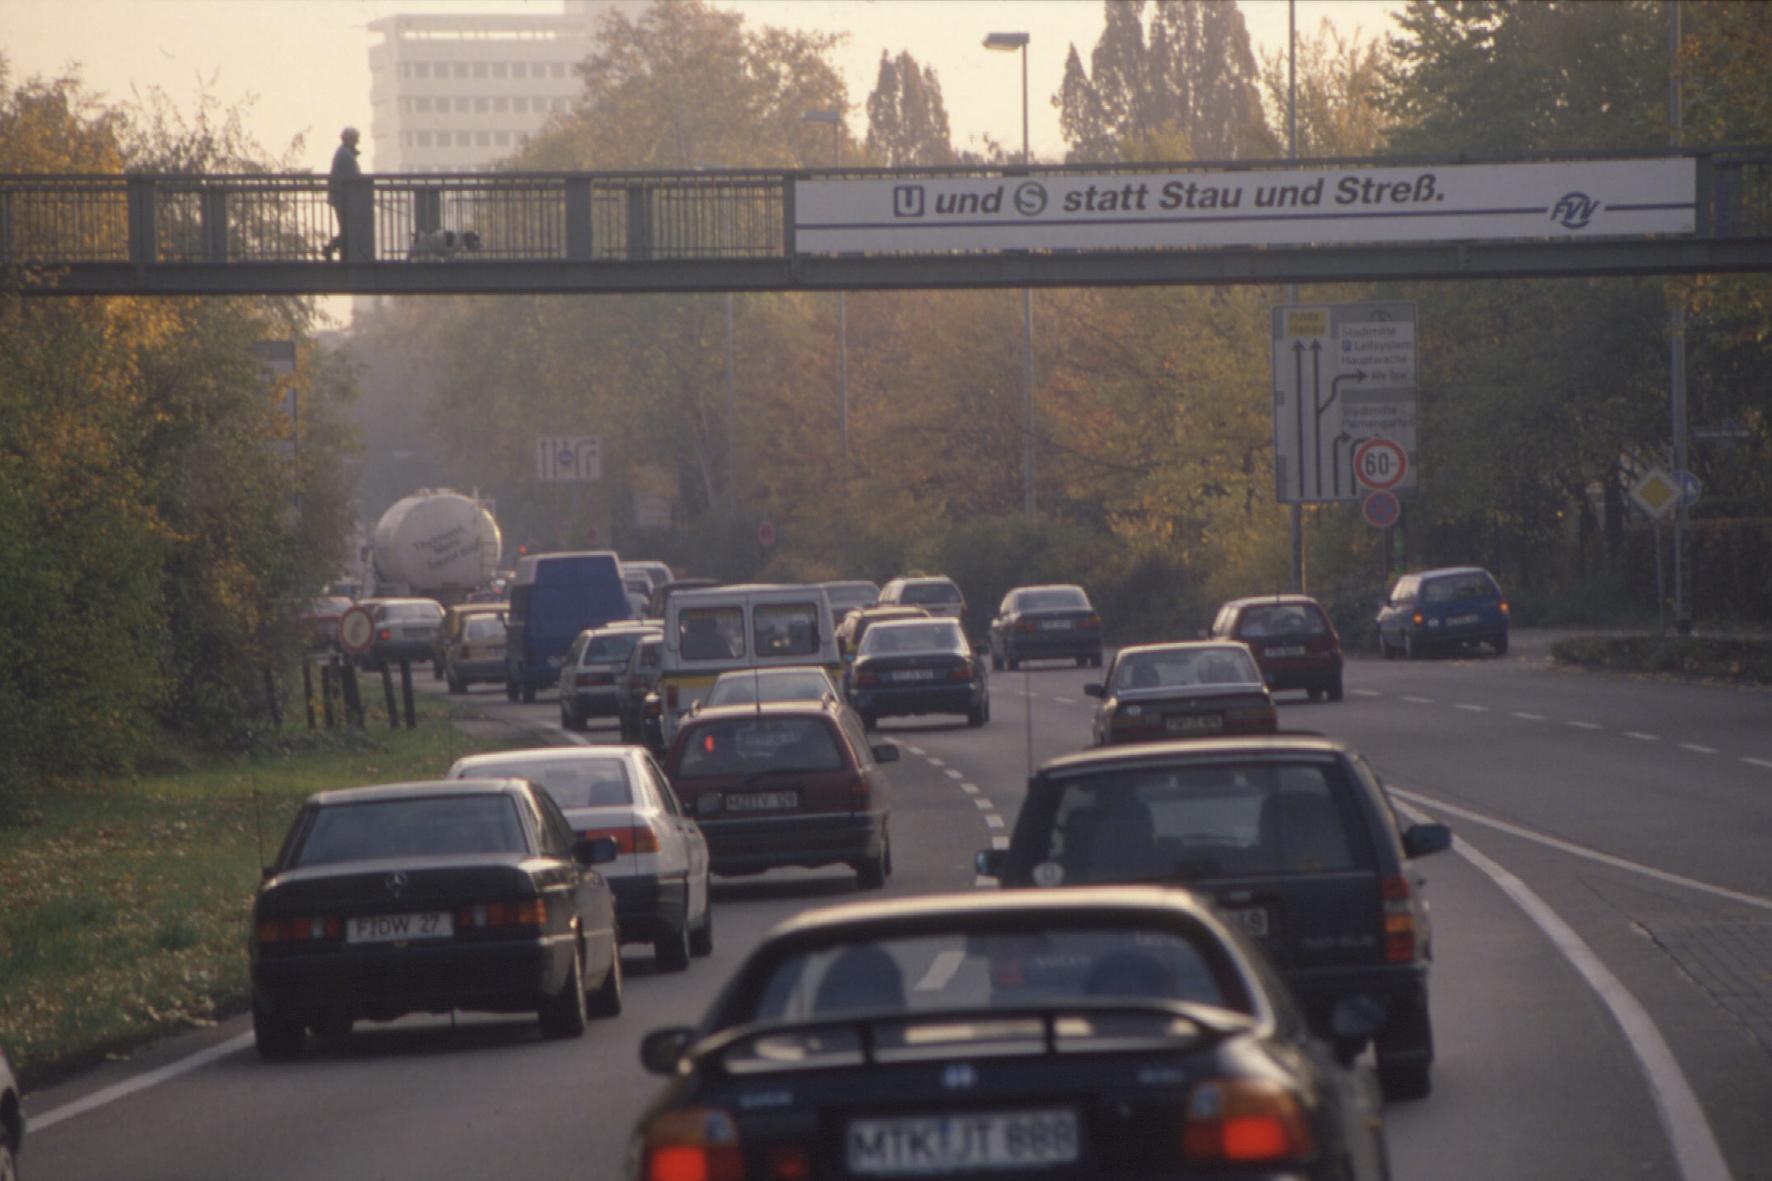 Diesel-Fonds zur Verbesserung der Luftqualität in Städten